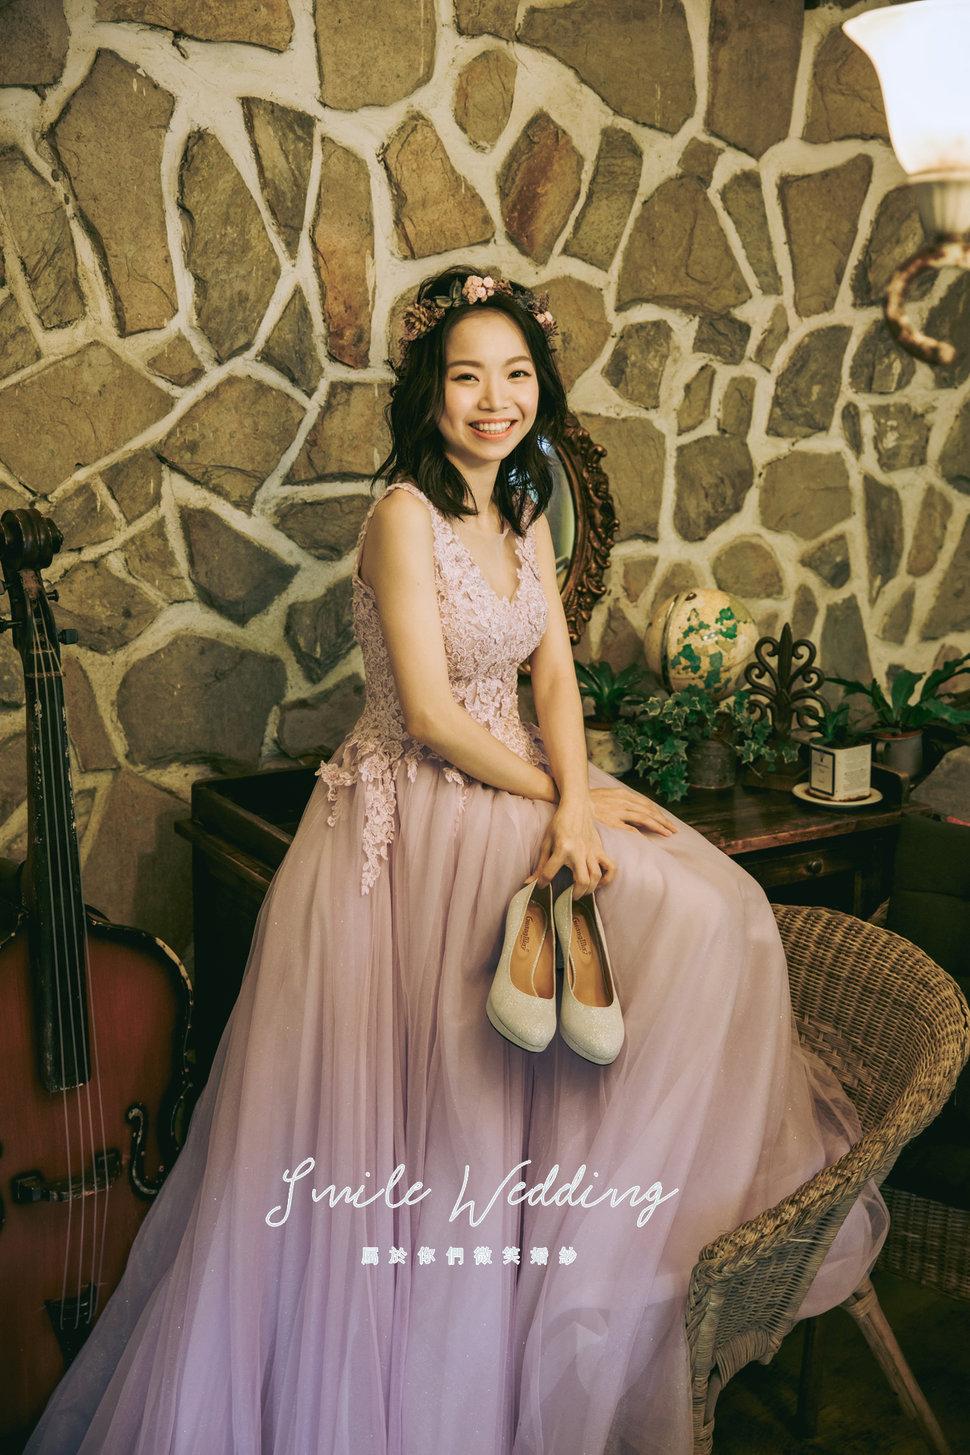 514A6879 - Smile wedding 微笑婚紗《結婚吧》